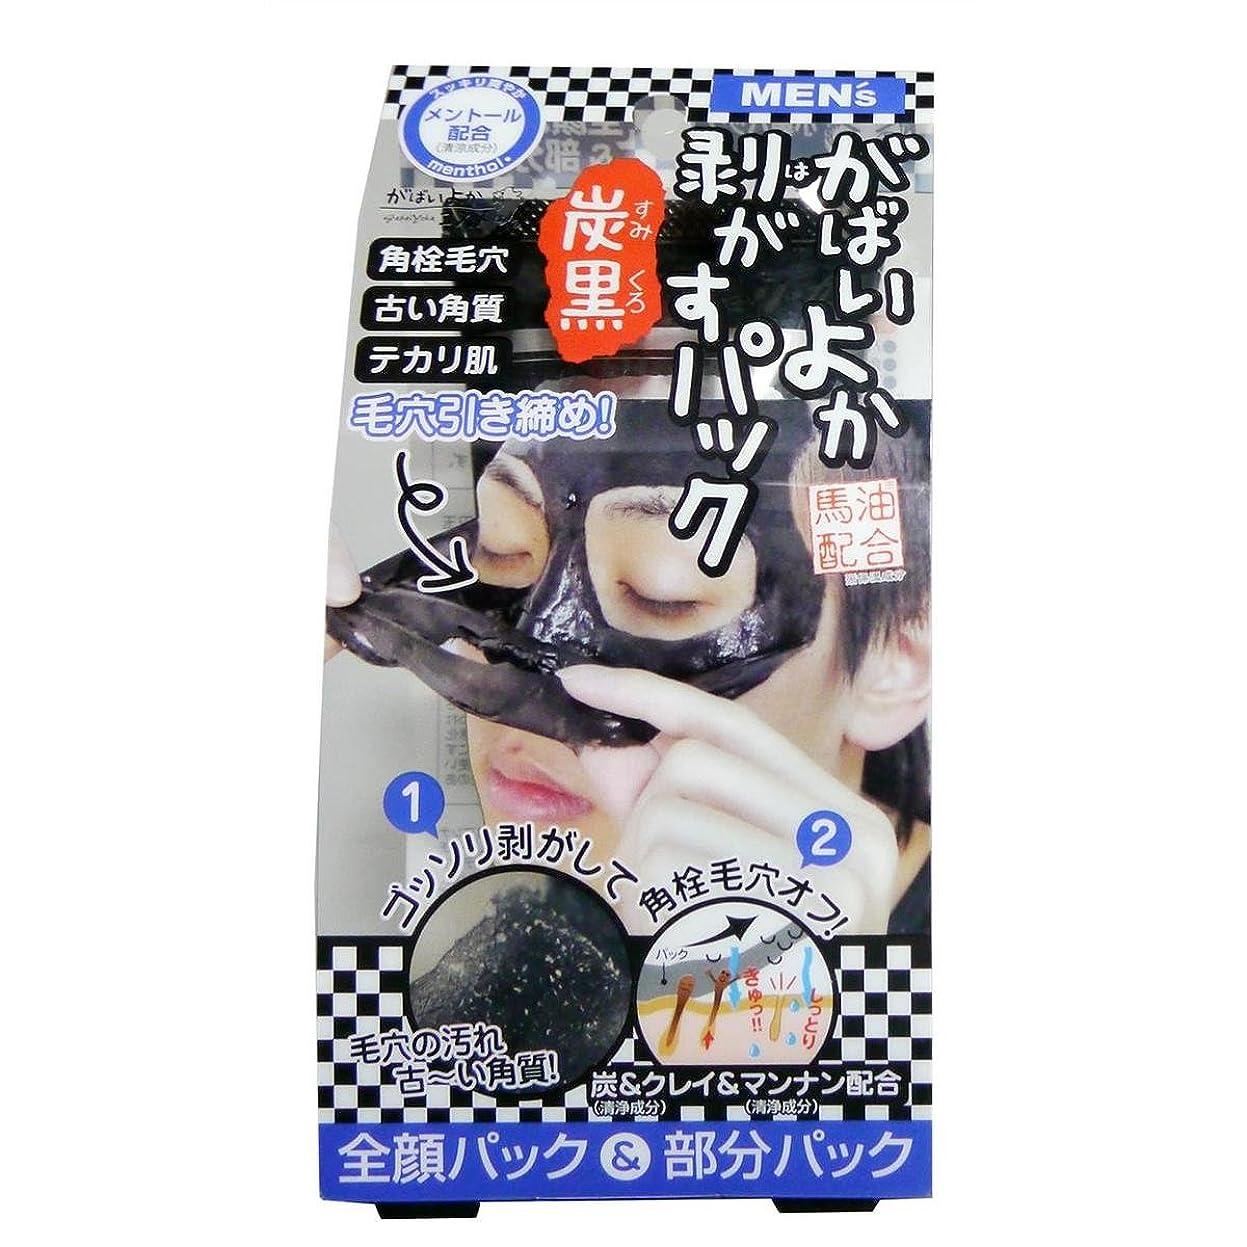 不適当パトロン蓮がばいよかコスメ メンズ 剥がすパック 炭黒 (90g)